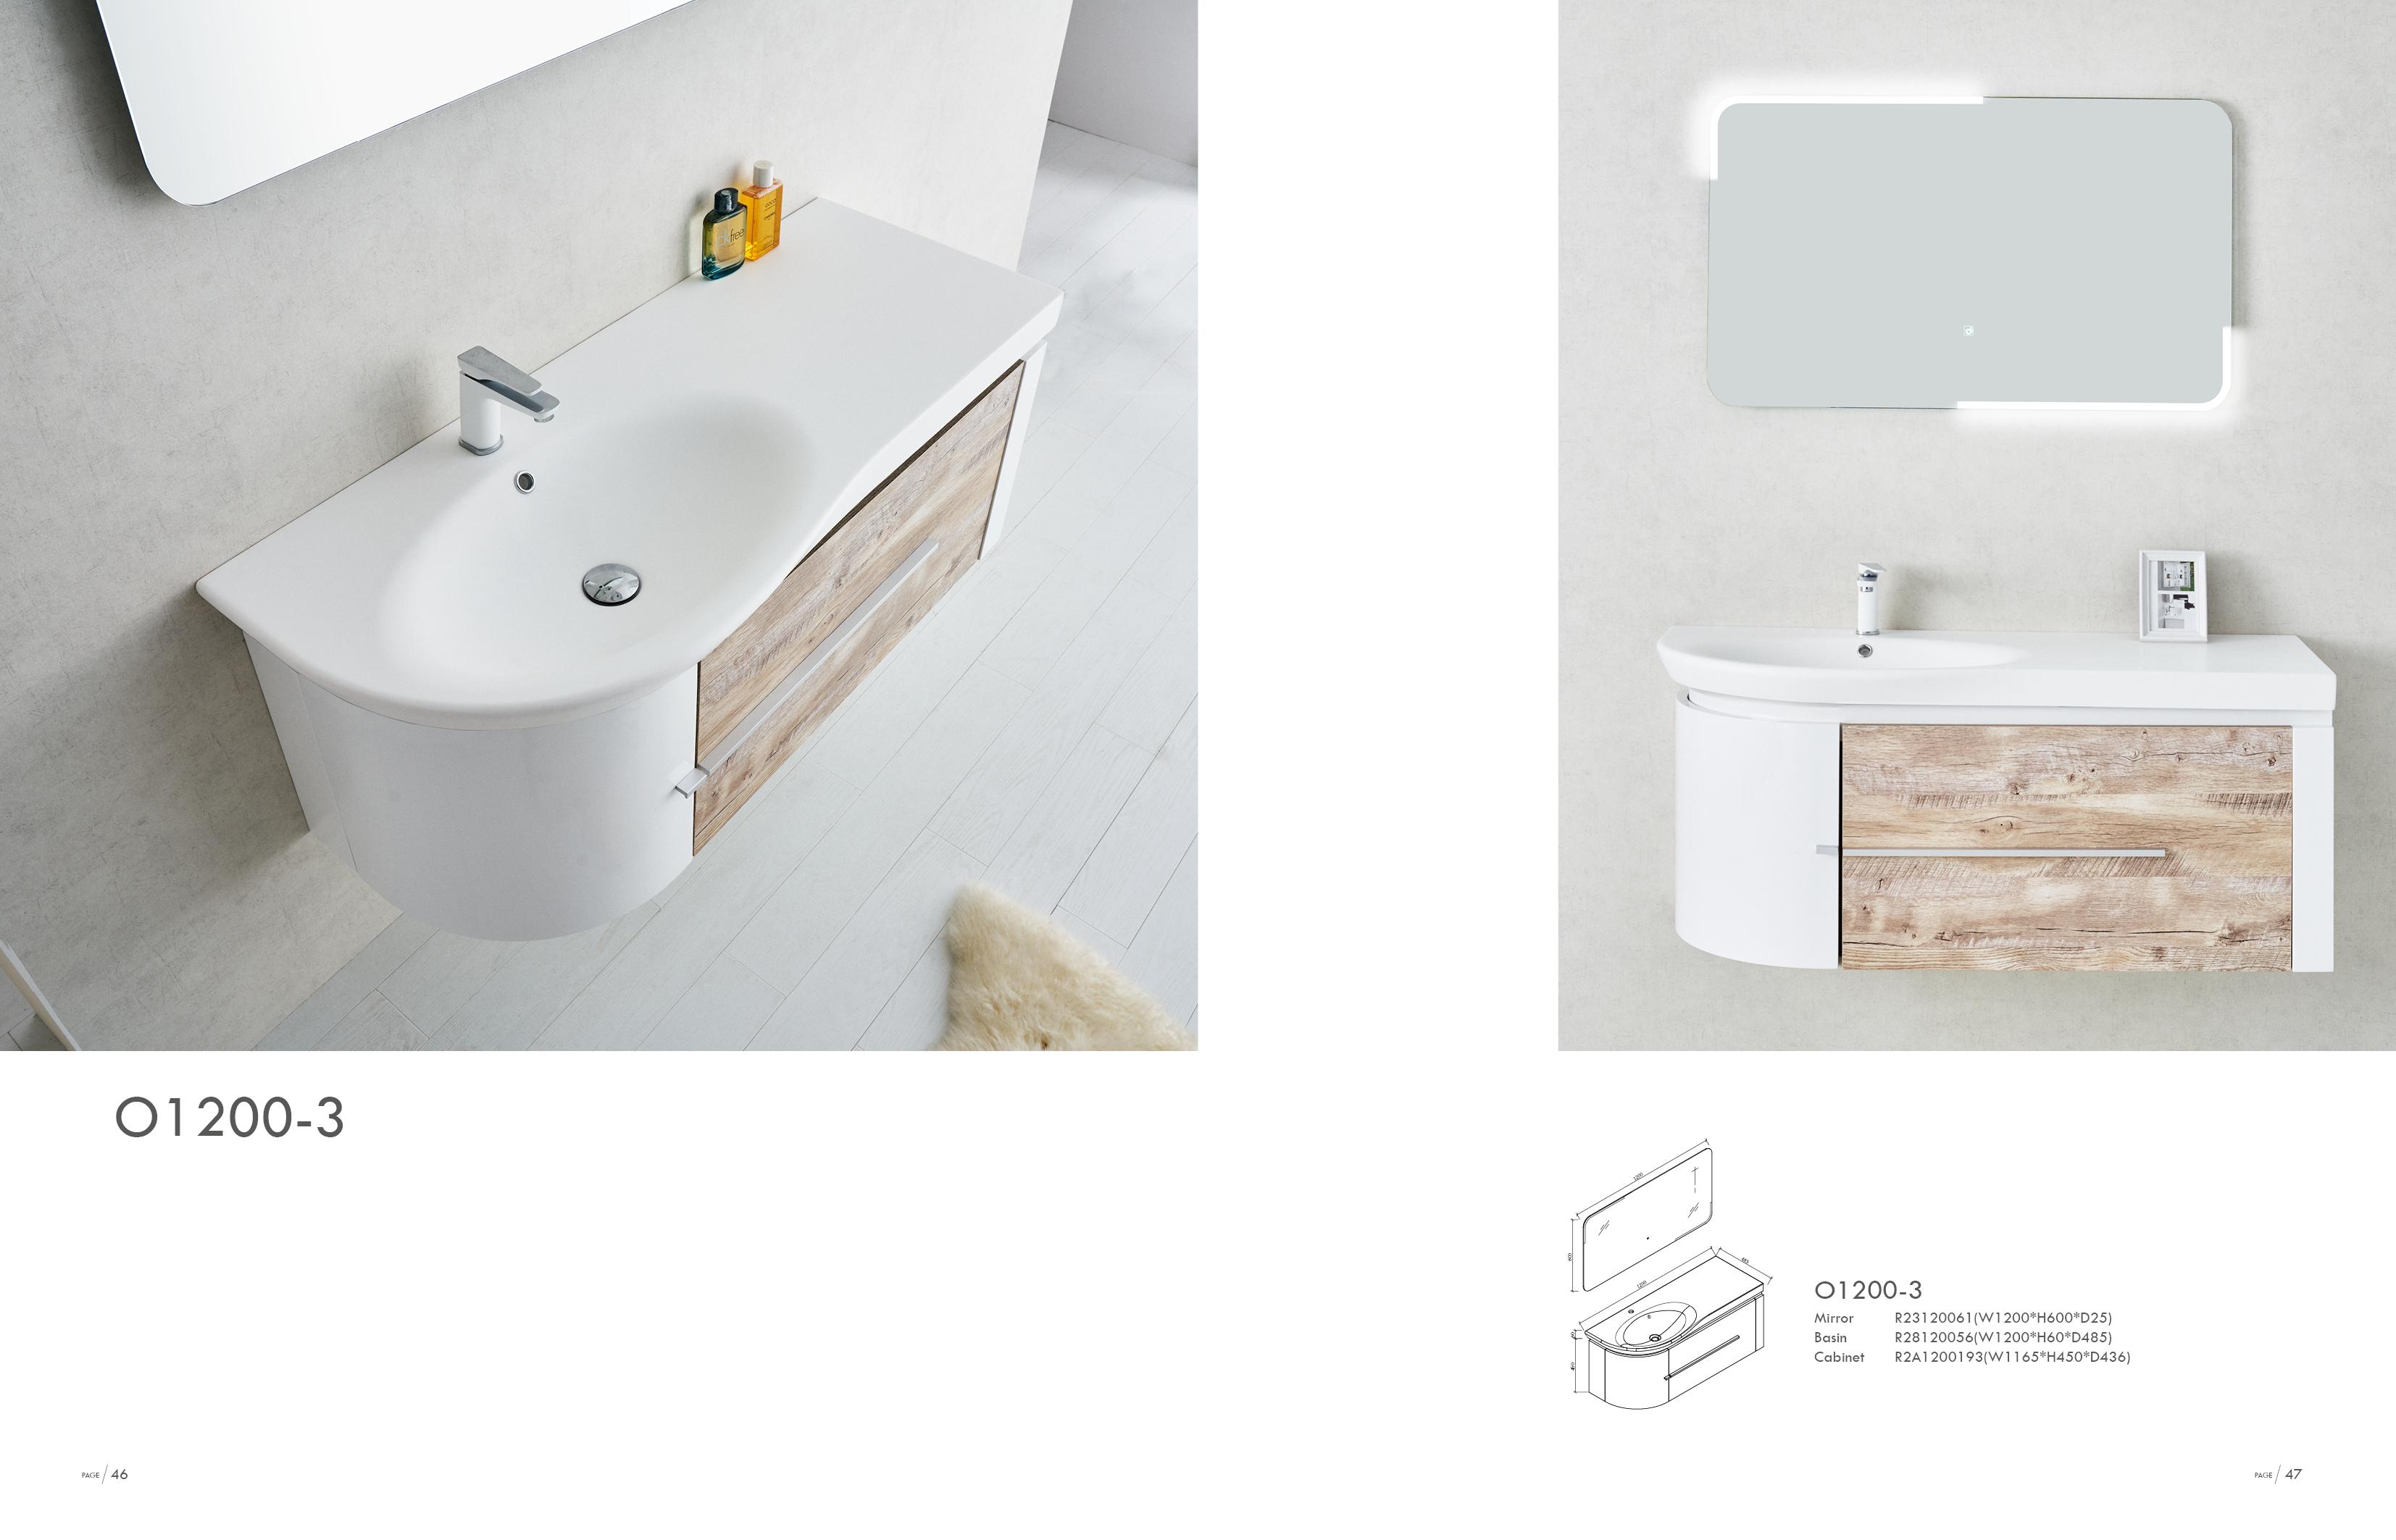 Meuble Salle De Bain Huy ~ meuble o 1200 3 salle de bain meubles sanit air